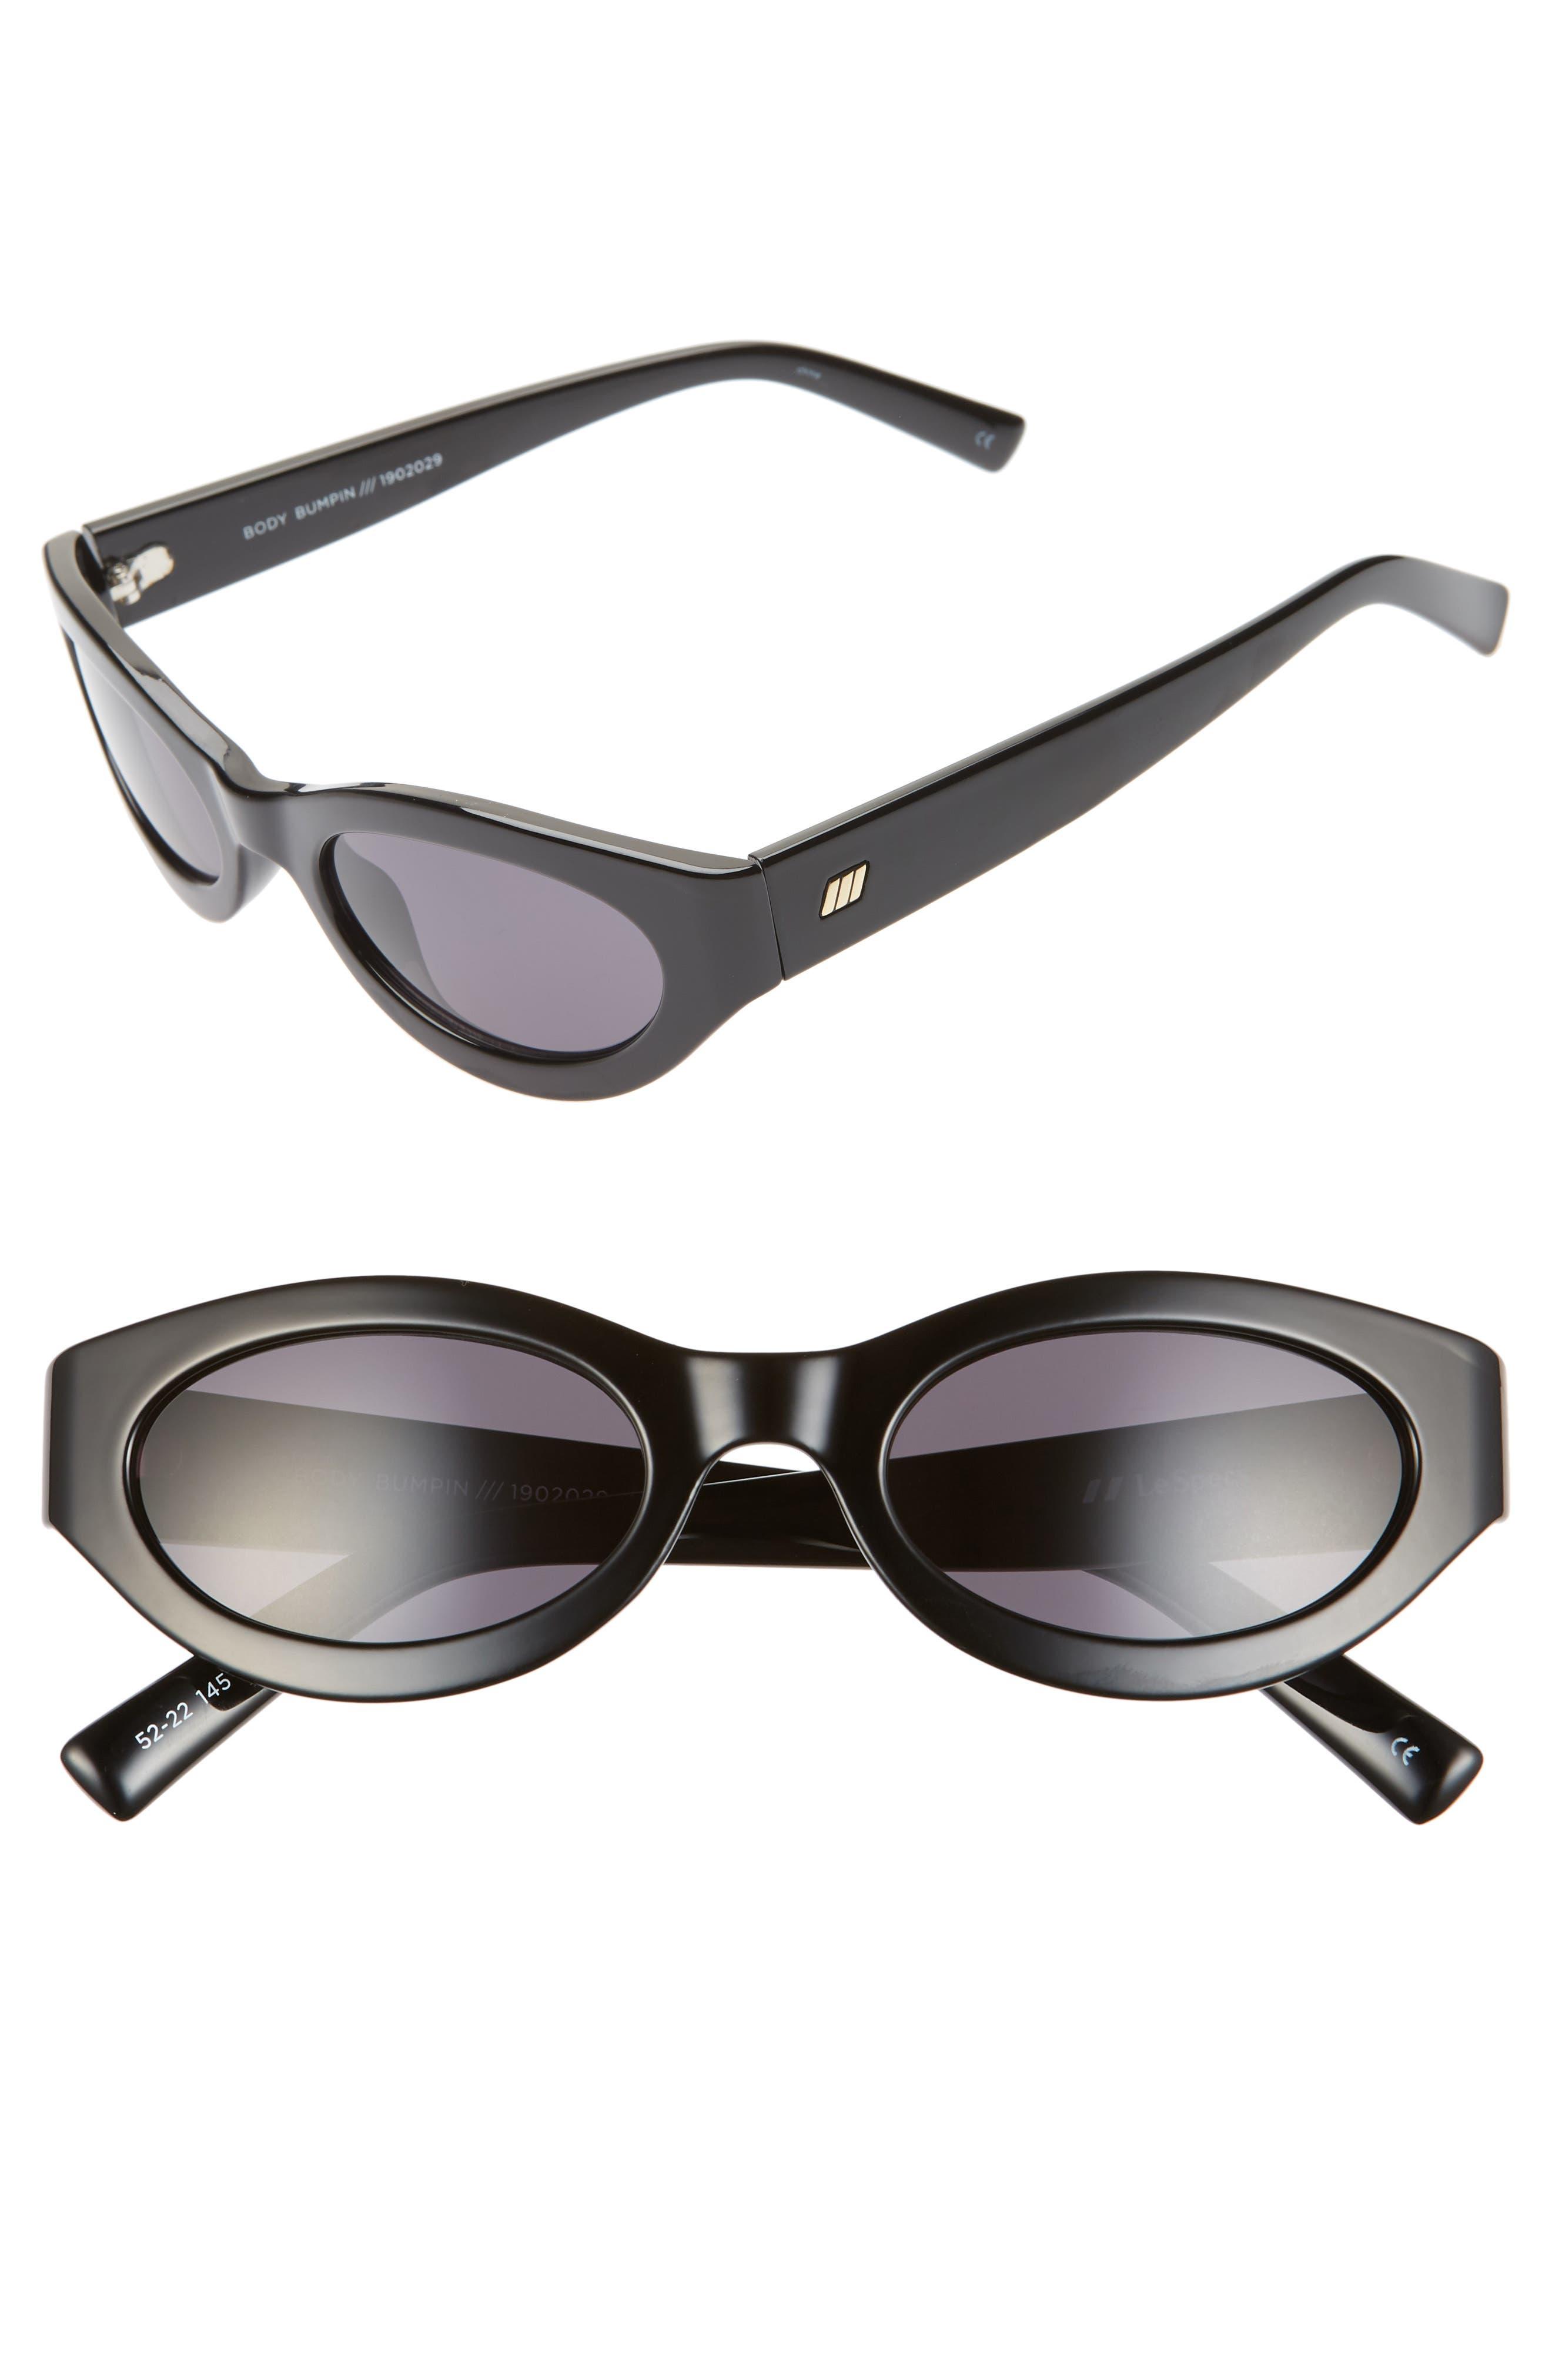 Le Specs Body Bumpin 42Mm Sunglasses - Black